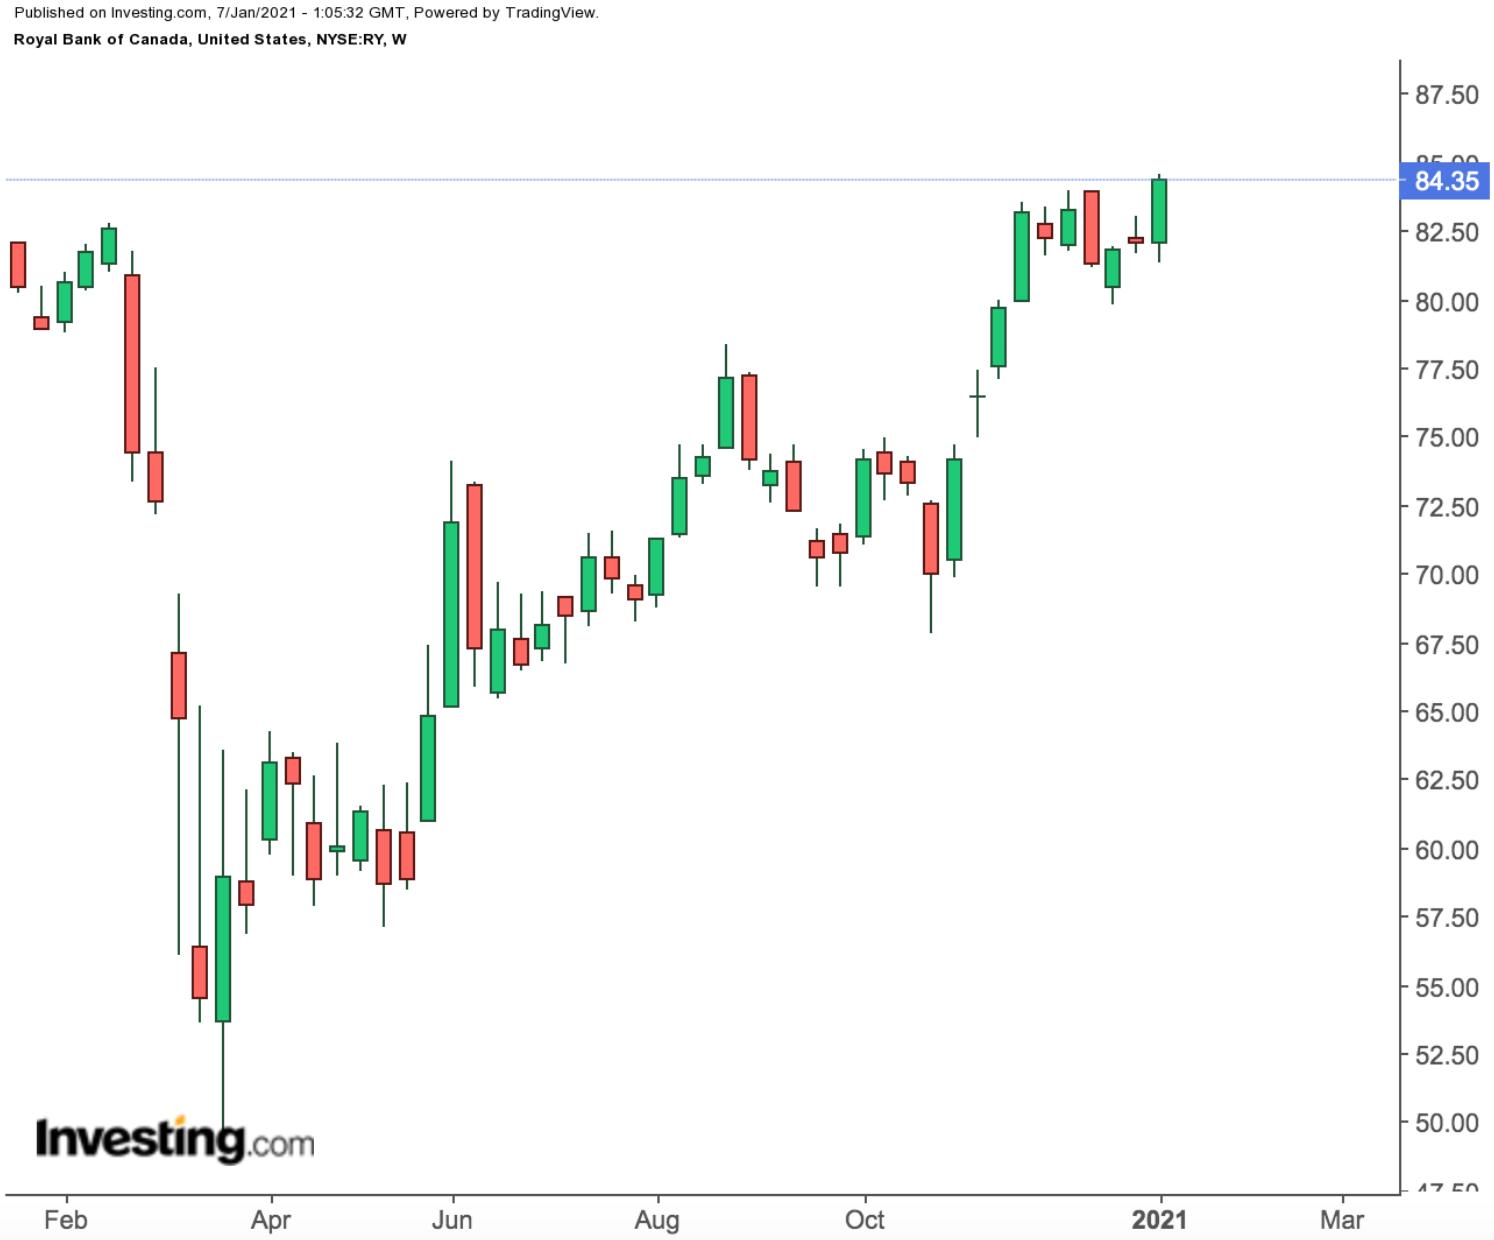 Royal Bank Weekly Chart.